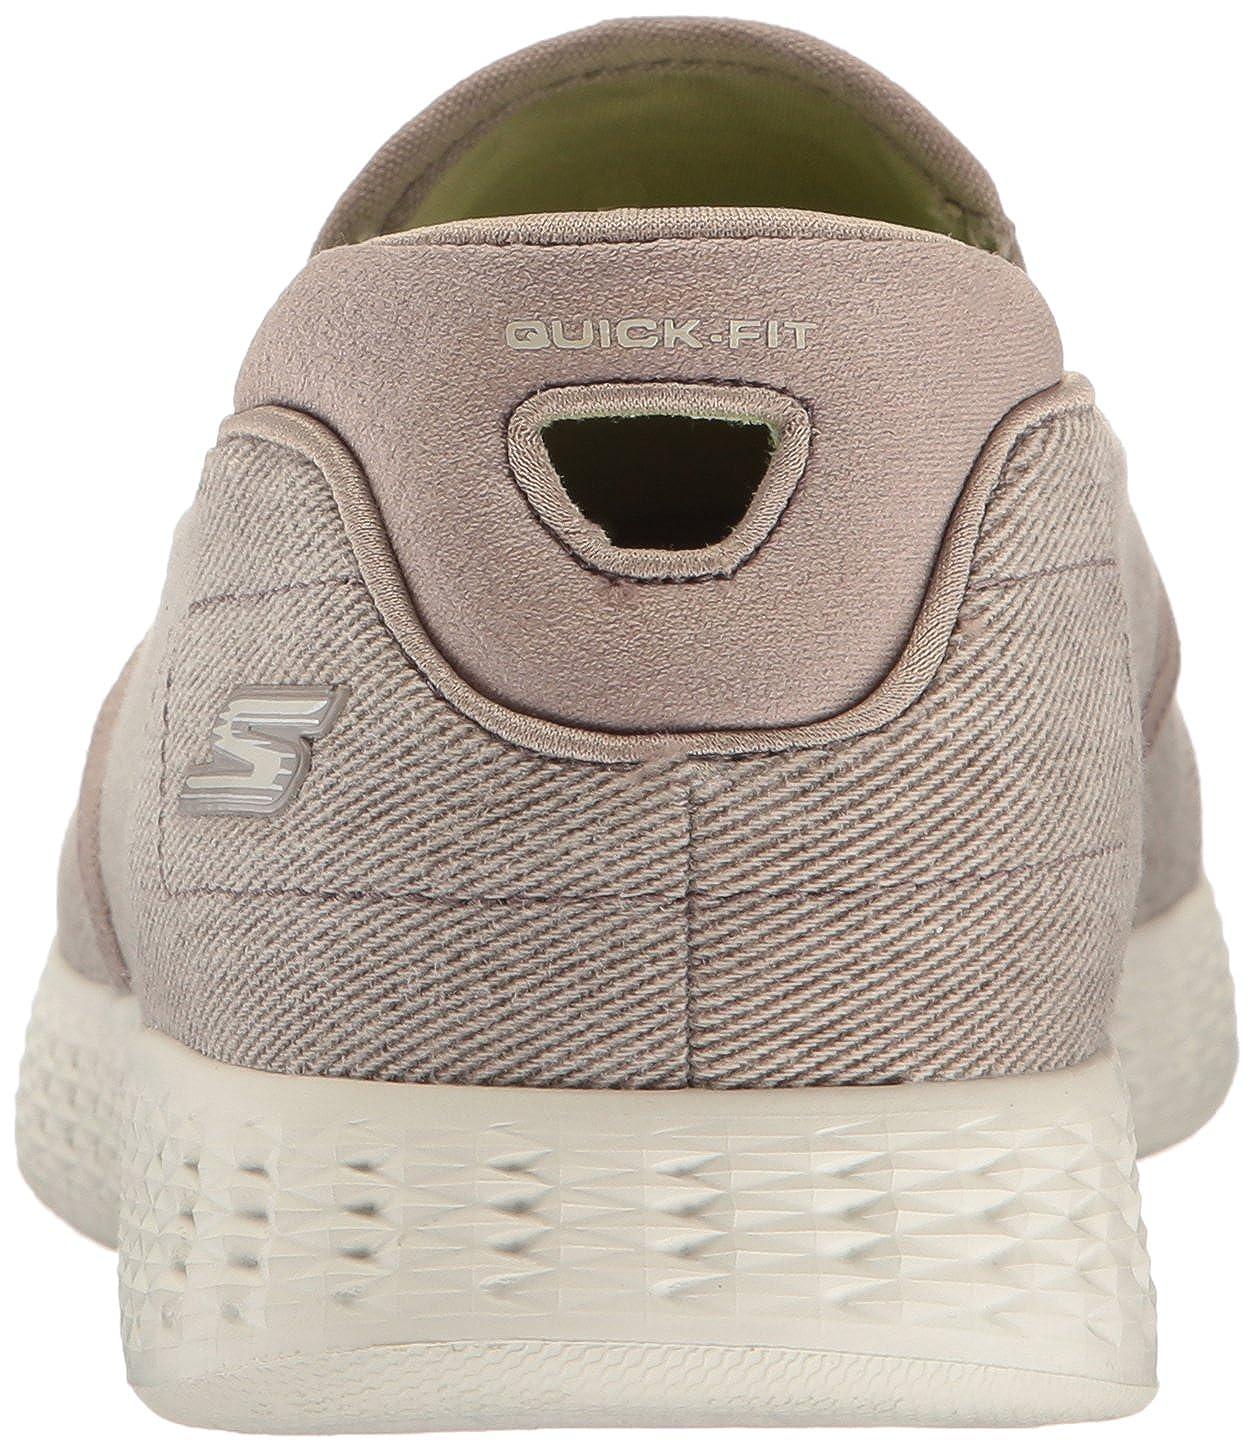 Skechers Herren On-The-go Glide - Victorious Slip On Turnschuhe    c635db